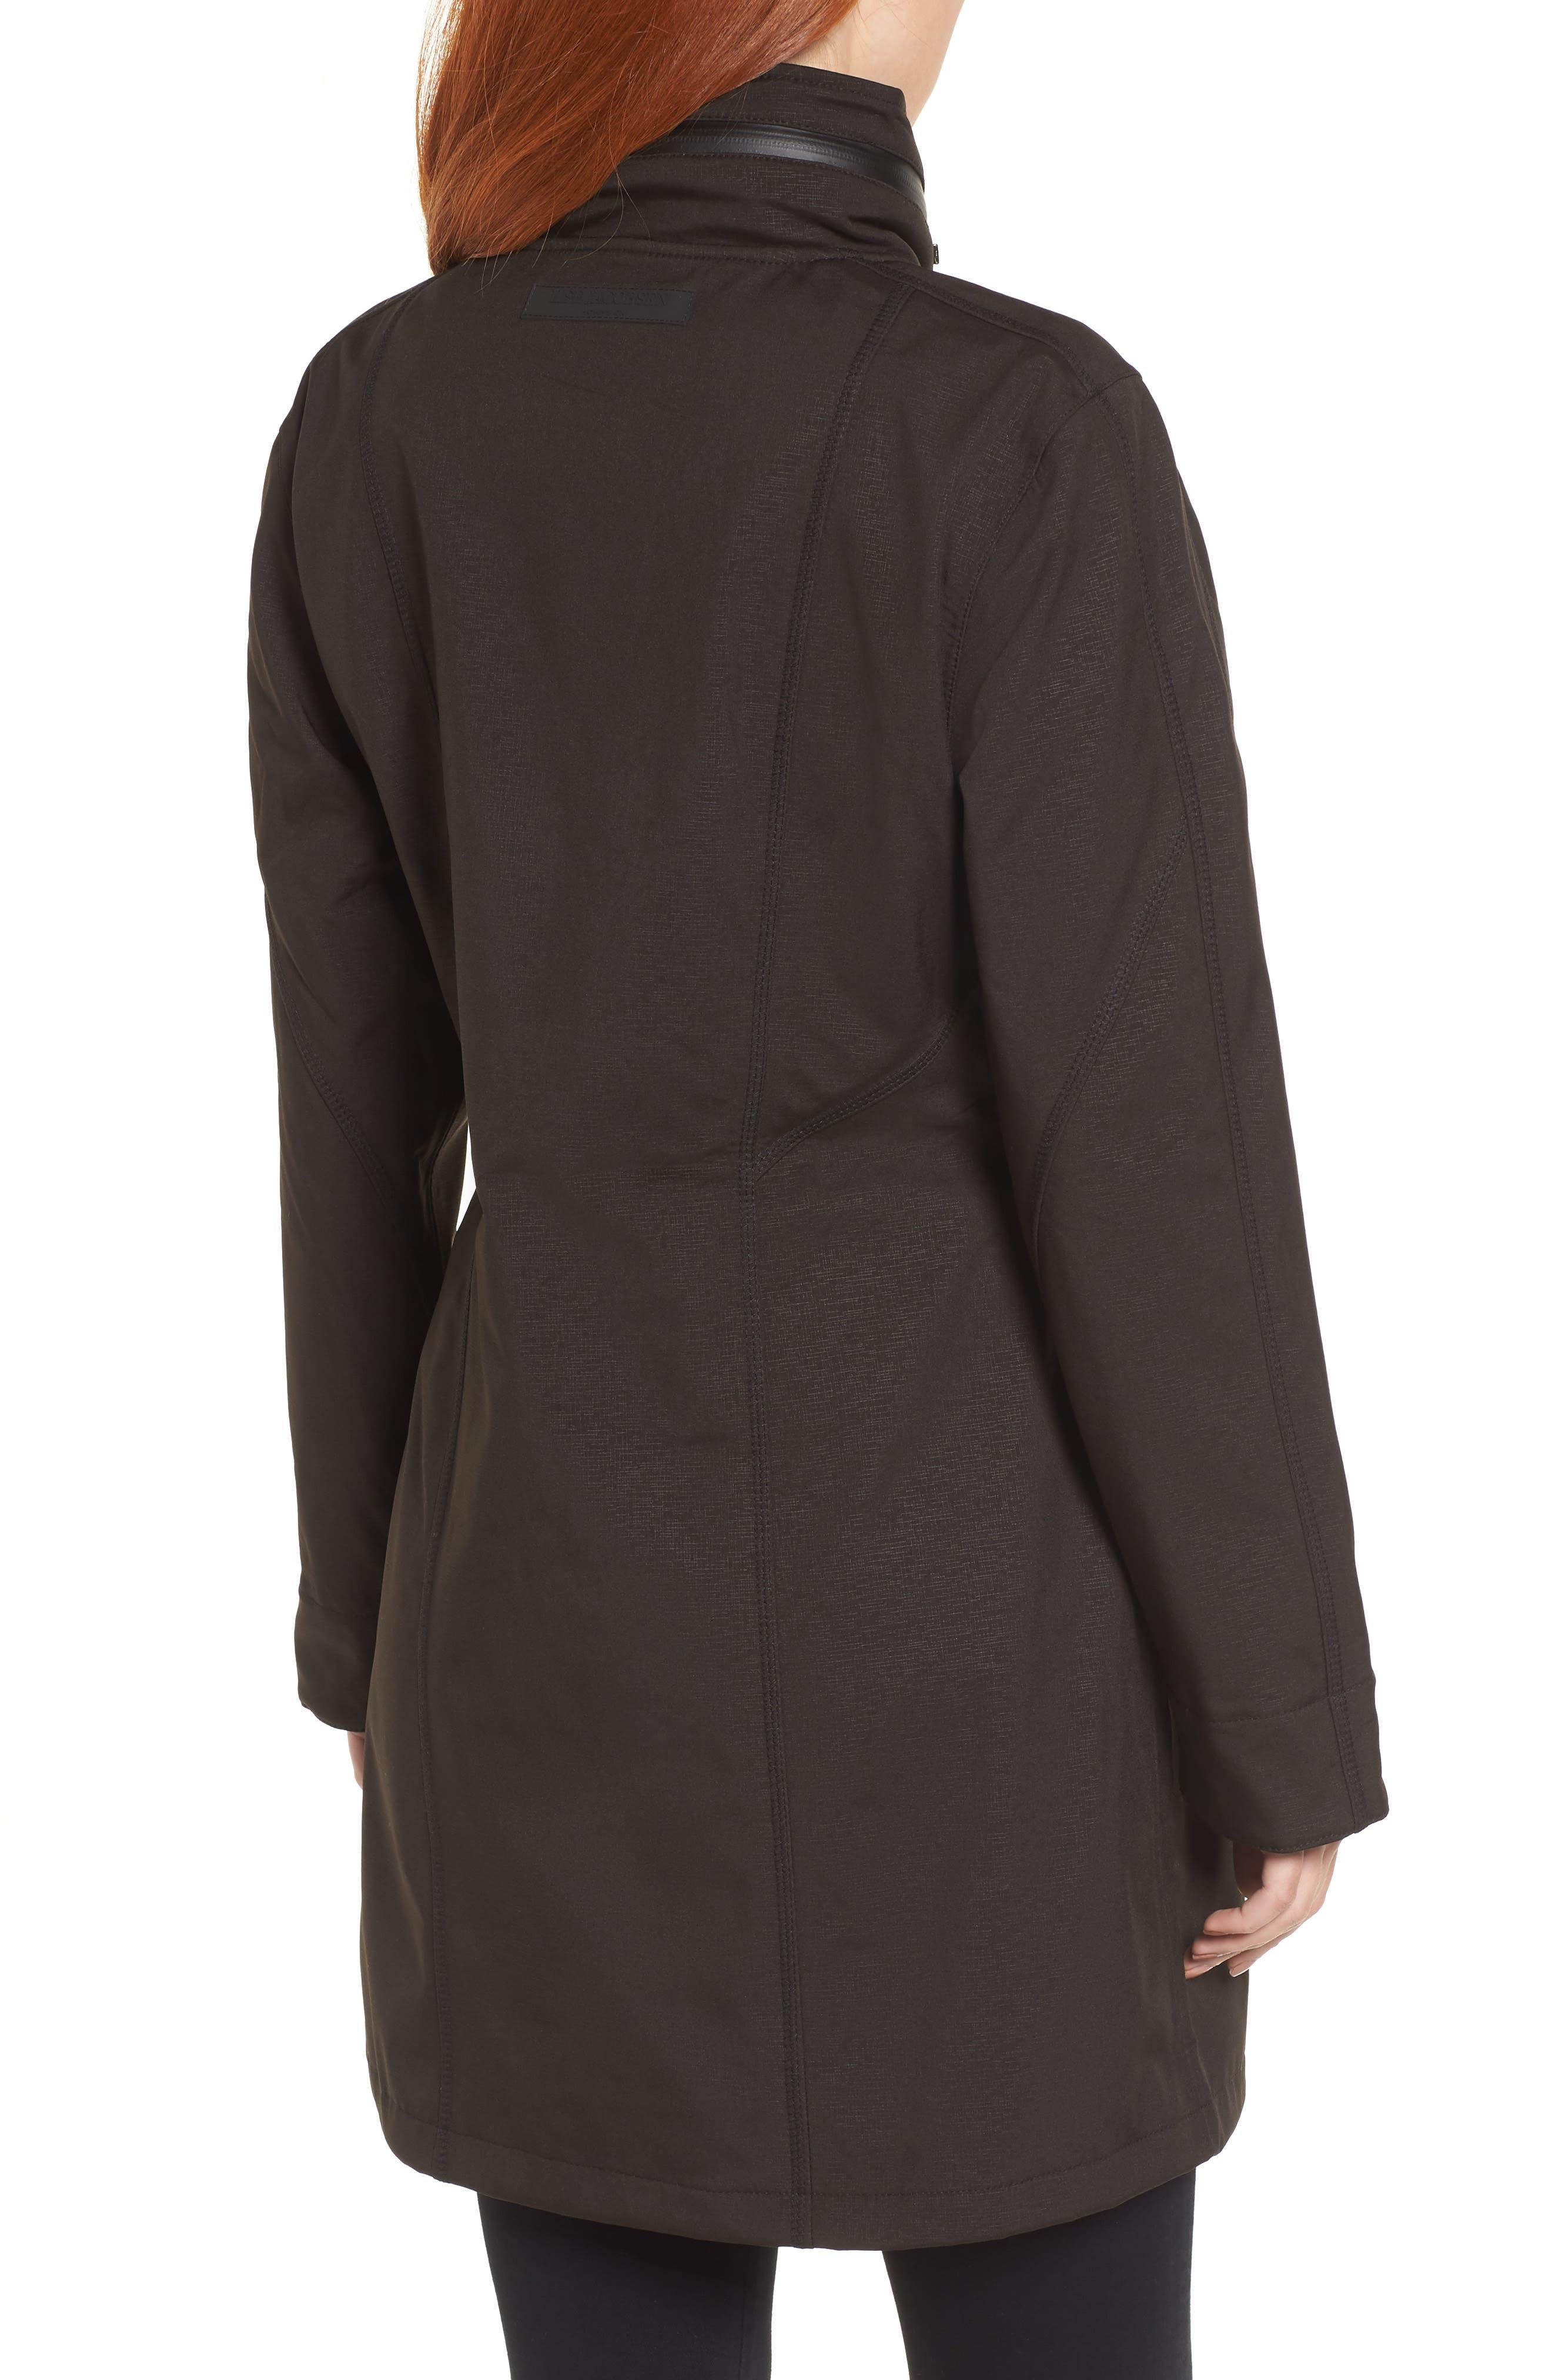 Hornbaek Soft Shell Raincoat,                             Alternate thumbnail 2, color,                             Black